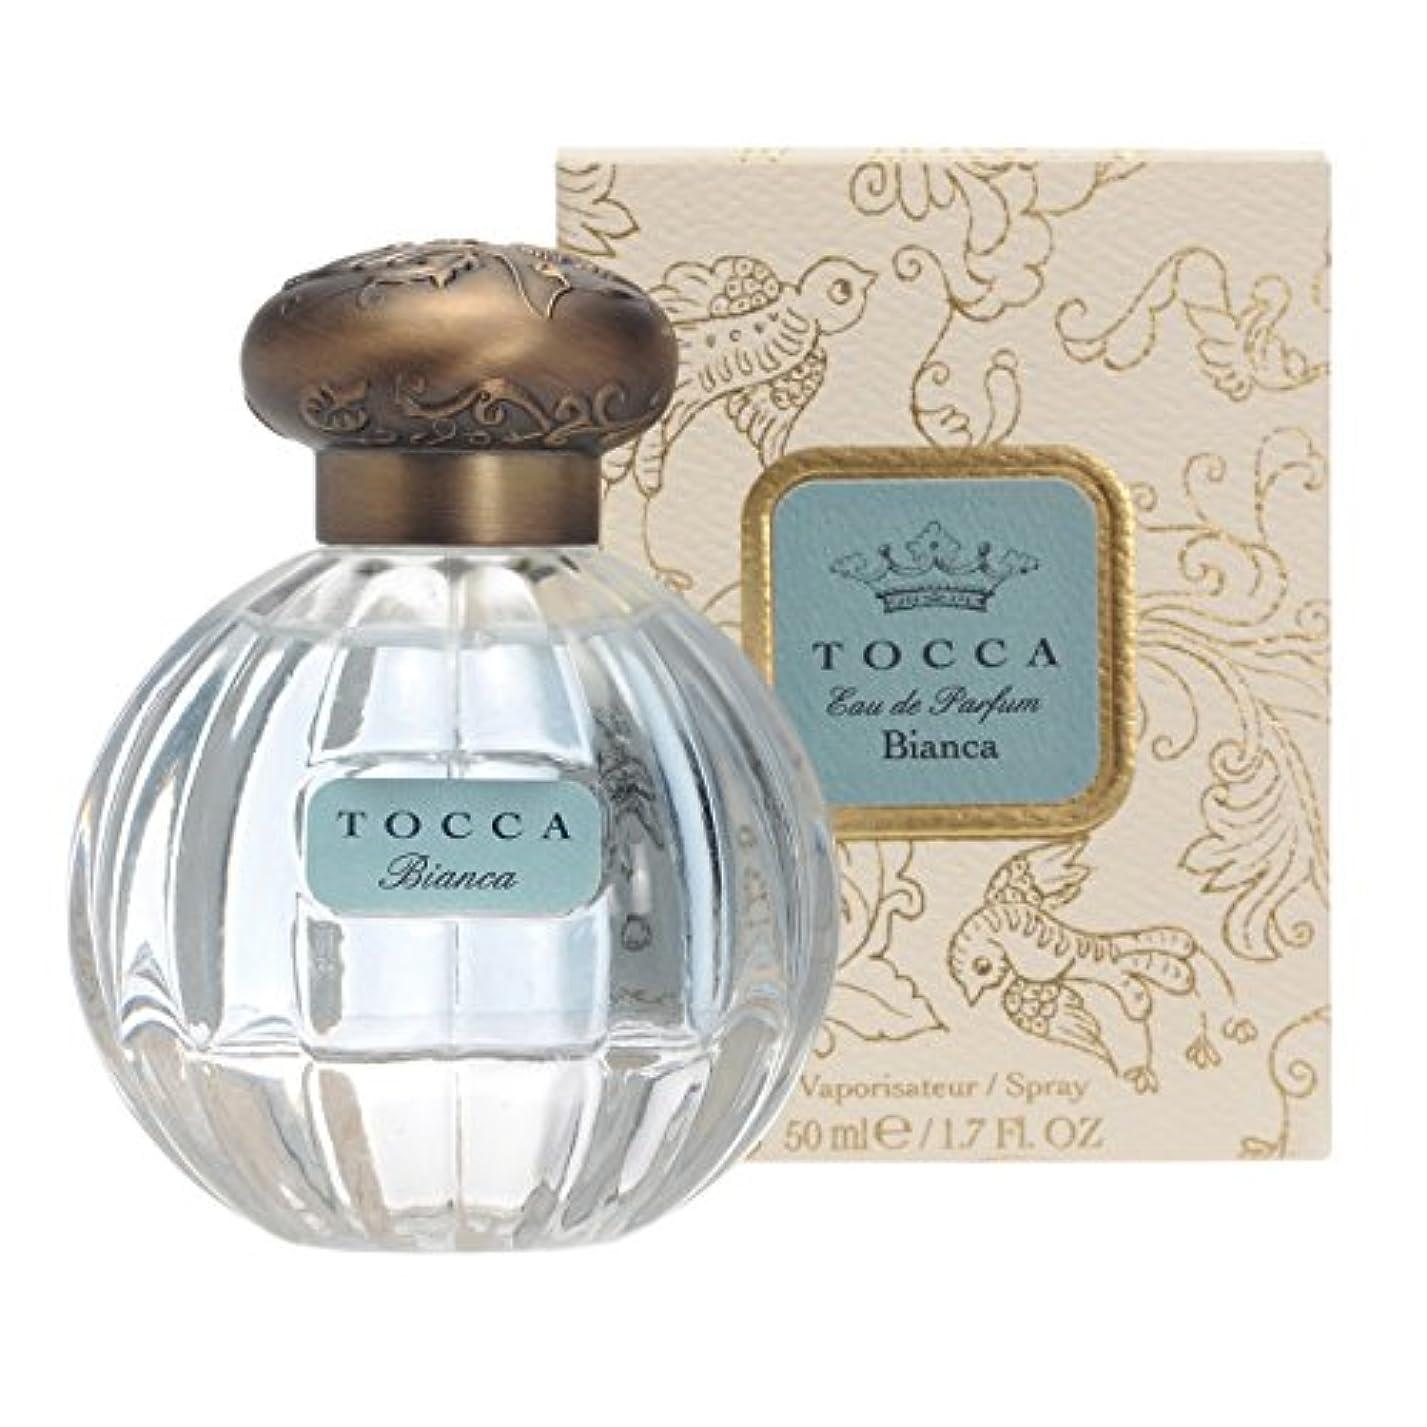 家庭自分を引き上げる他のバンドでトッカ(TOCCA) オードパルファム ビアンカの香り 50ml(香水 海を眺めながらのティータイムのようなグリーンティーとシトラス、ローズが溶け合う爽やかで甘い香り)